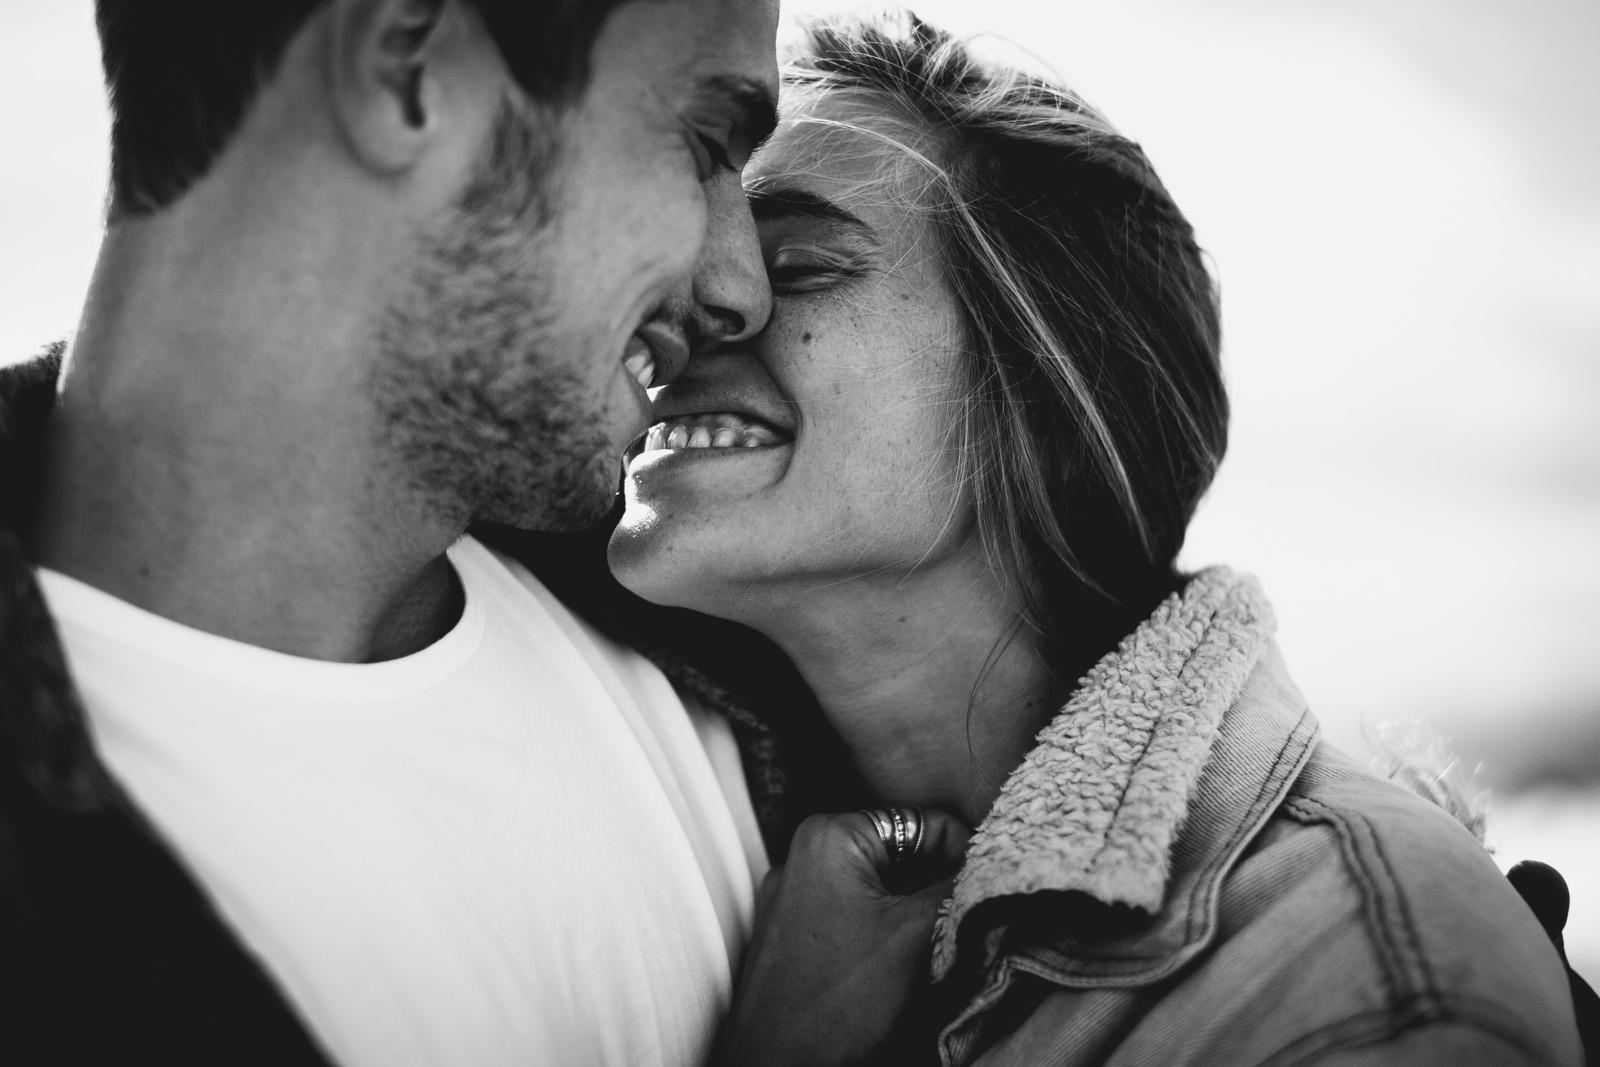 photographe-pour-couple-001